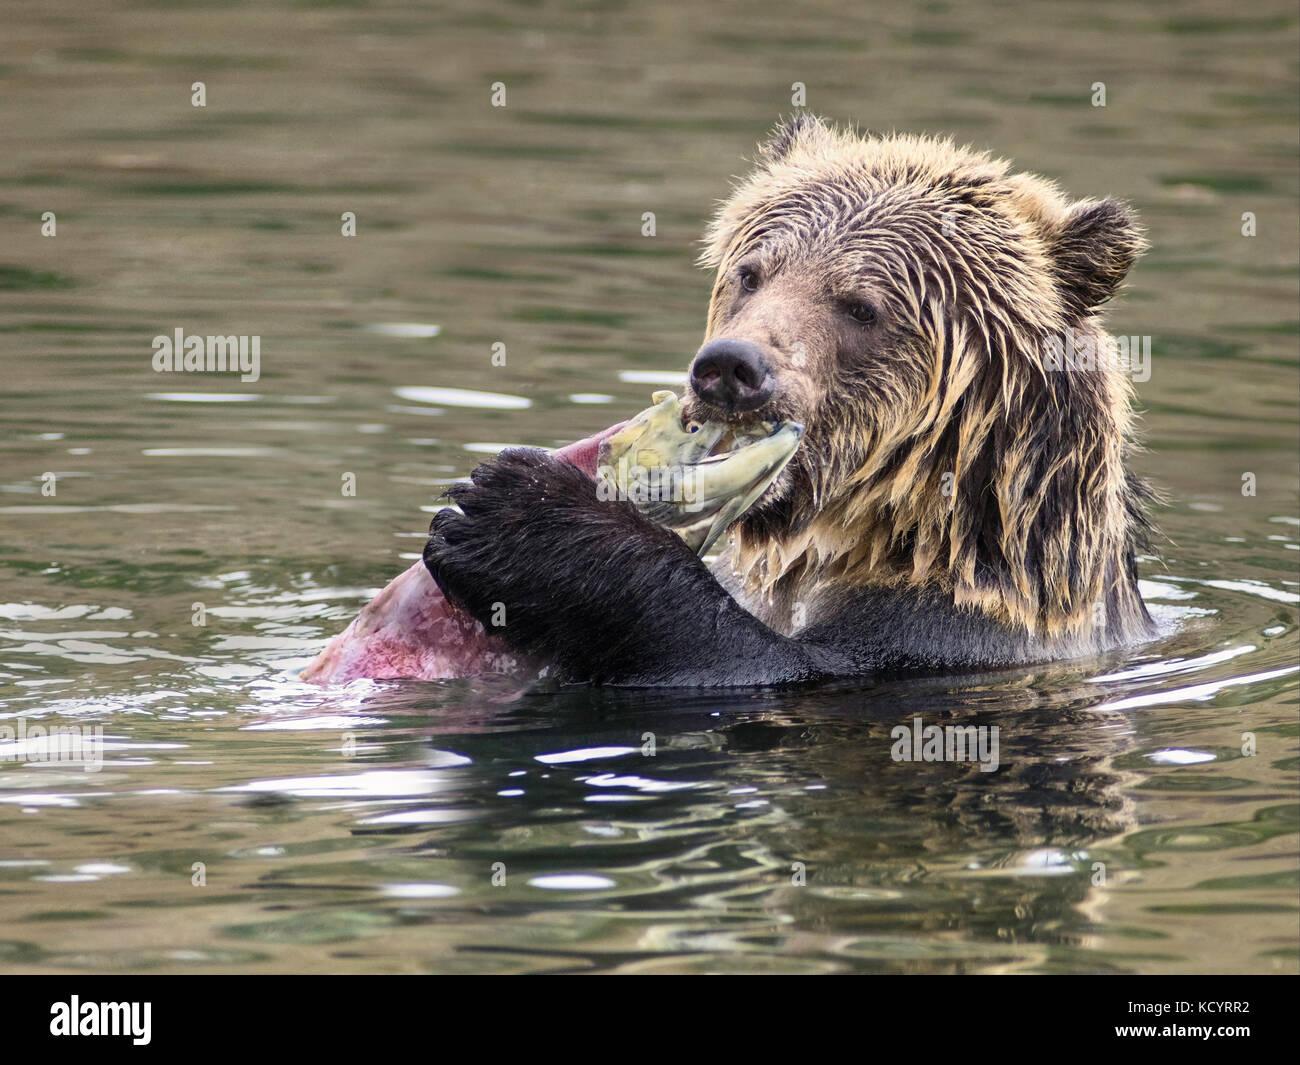 Oso grizzly (Ursus arctos horribilis), sub-adulto, en el agua del arroyo que alimenta el salmón sobre el salmón Imagen De Stock